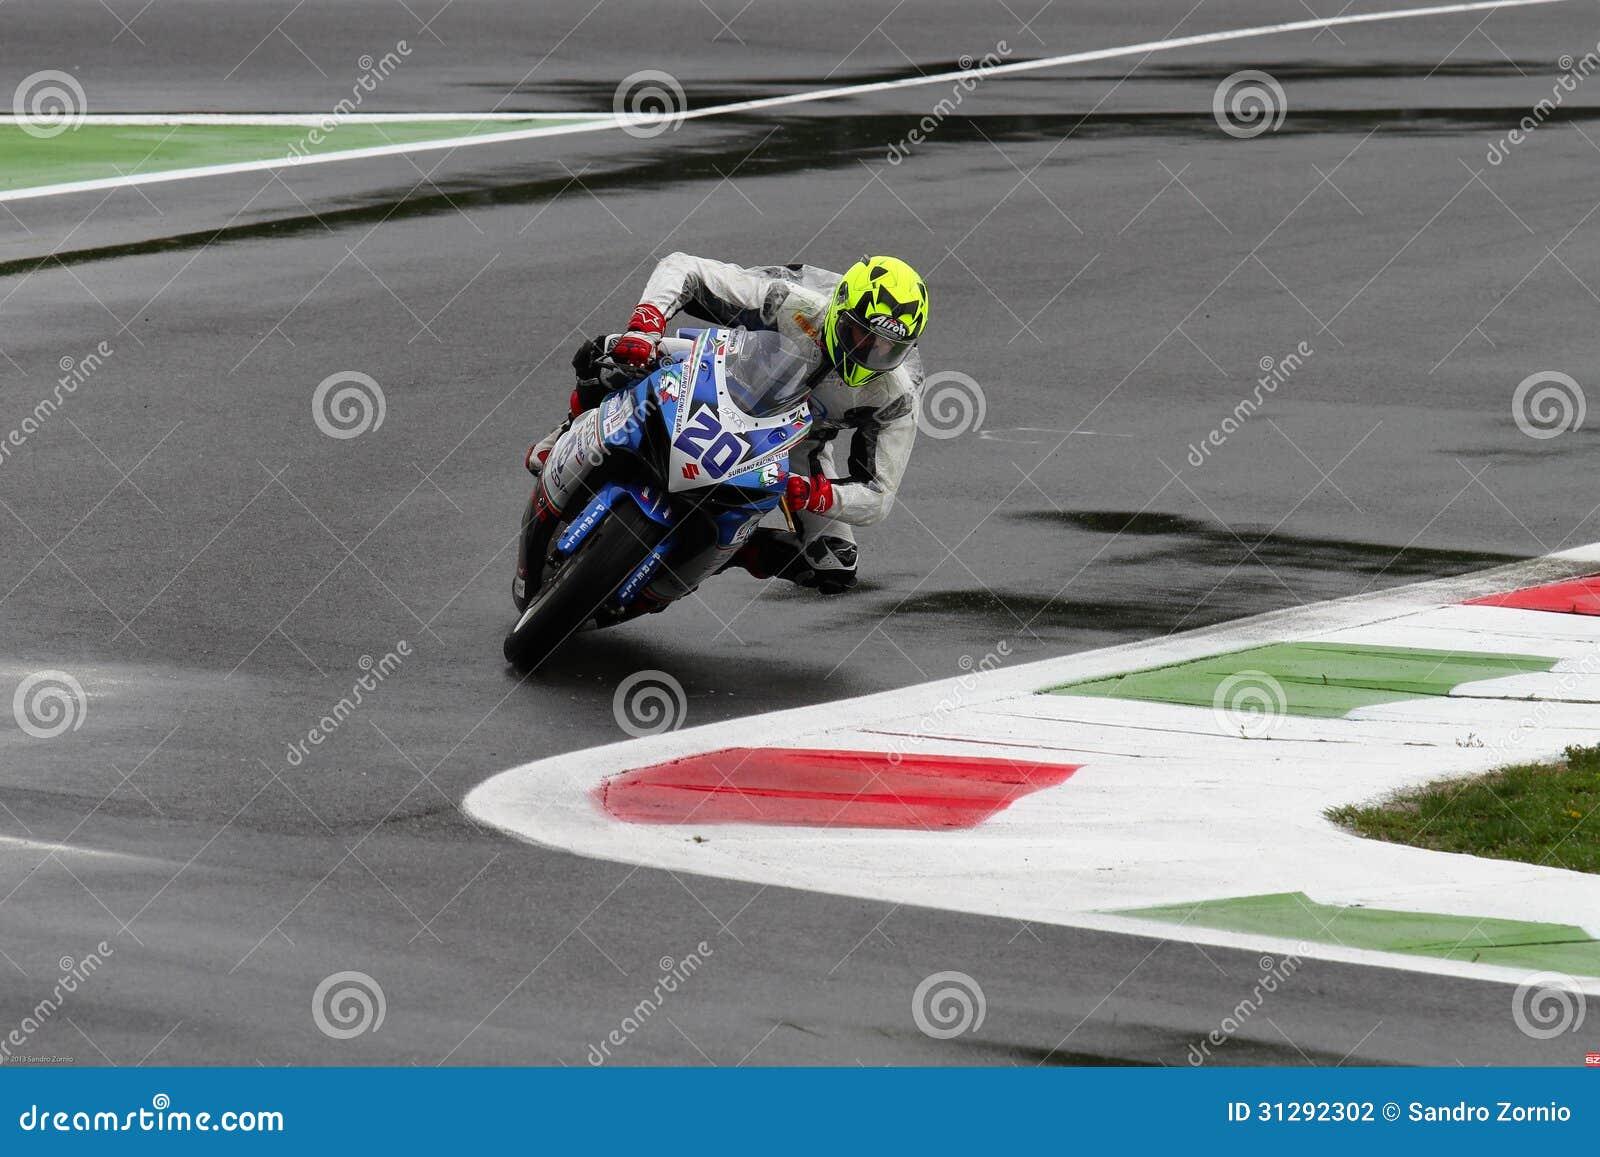 Mathew Scholtz #20 on Suzuki GSX-R 600 NS Suriano Corse Supersport WSS